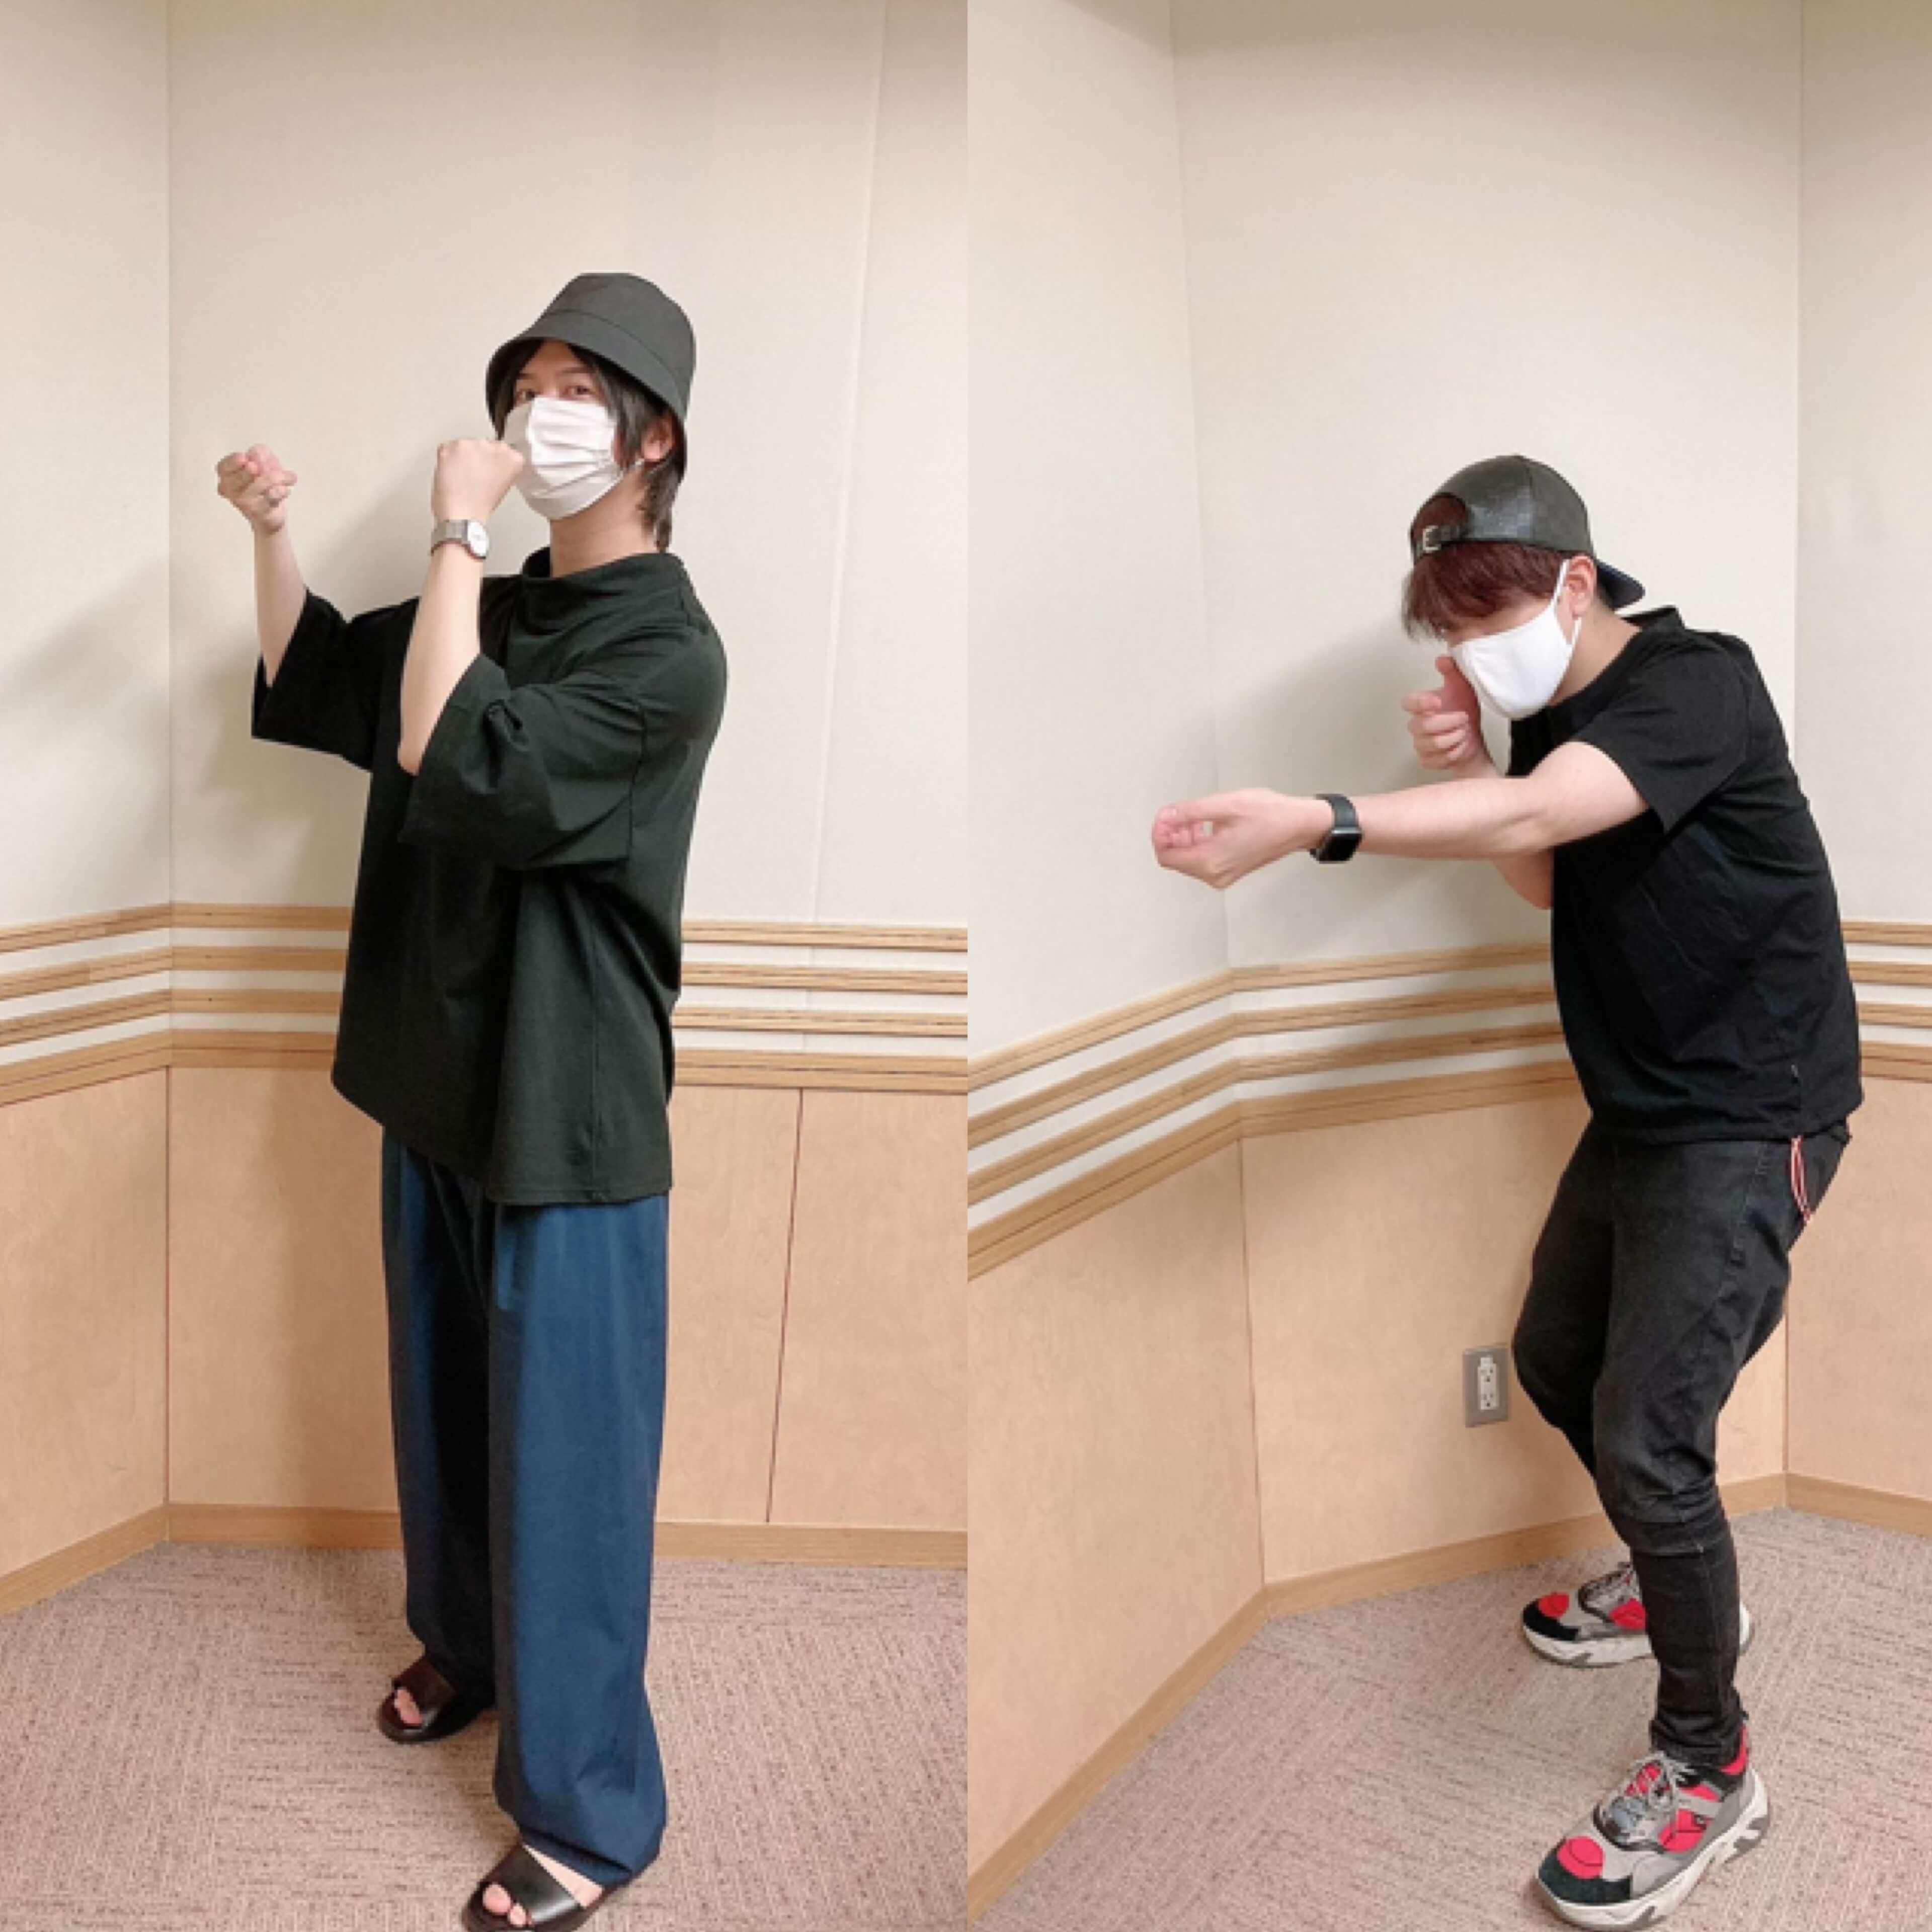 斉藤壮馬・石川界人のダメじゃないラジオ #174 放送後記